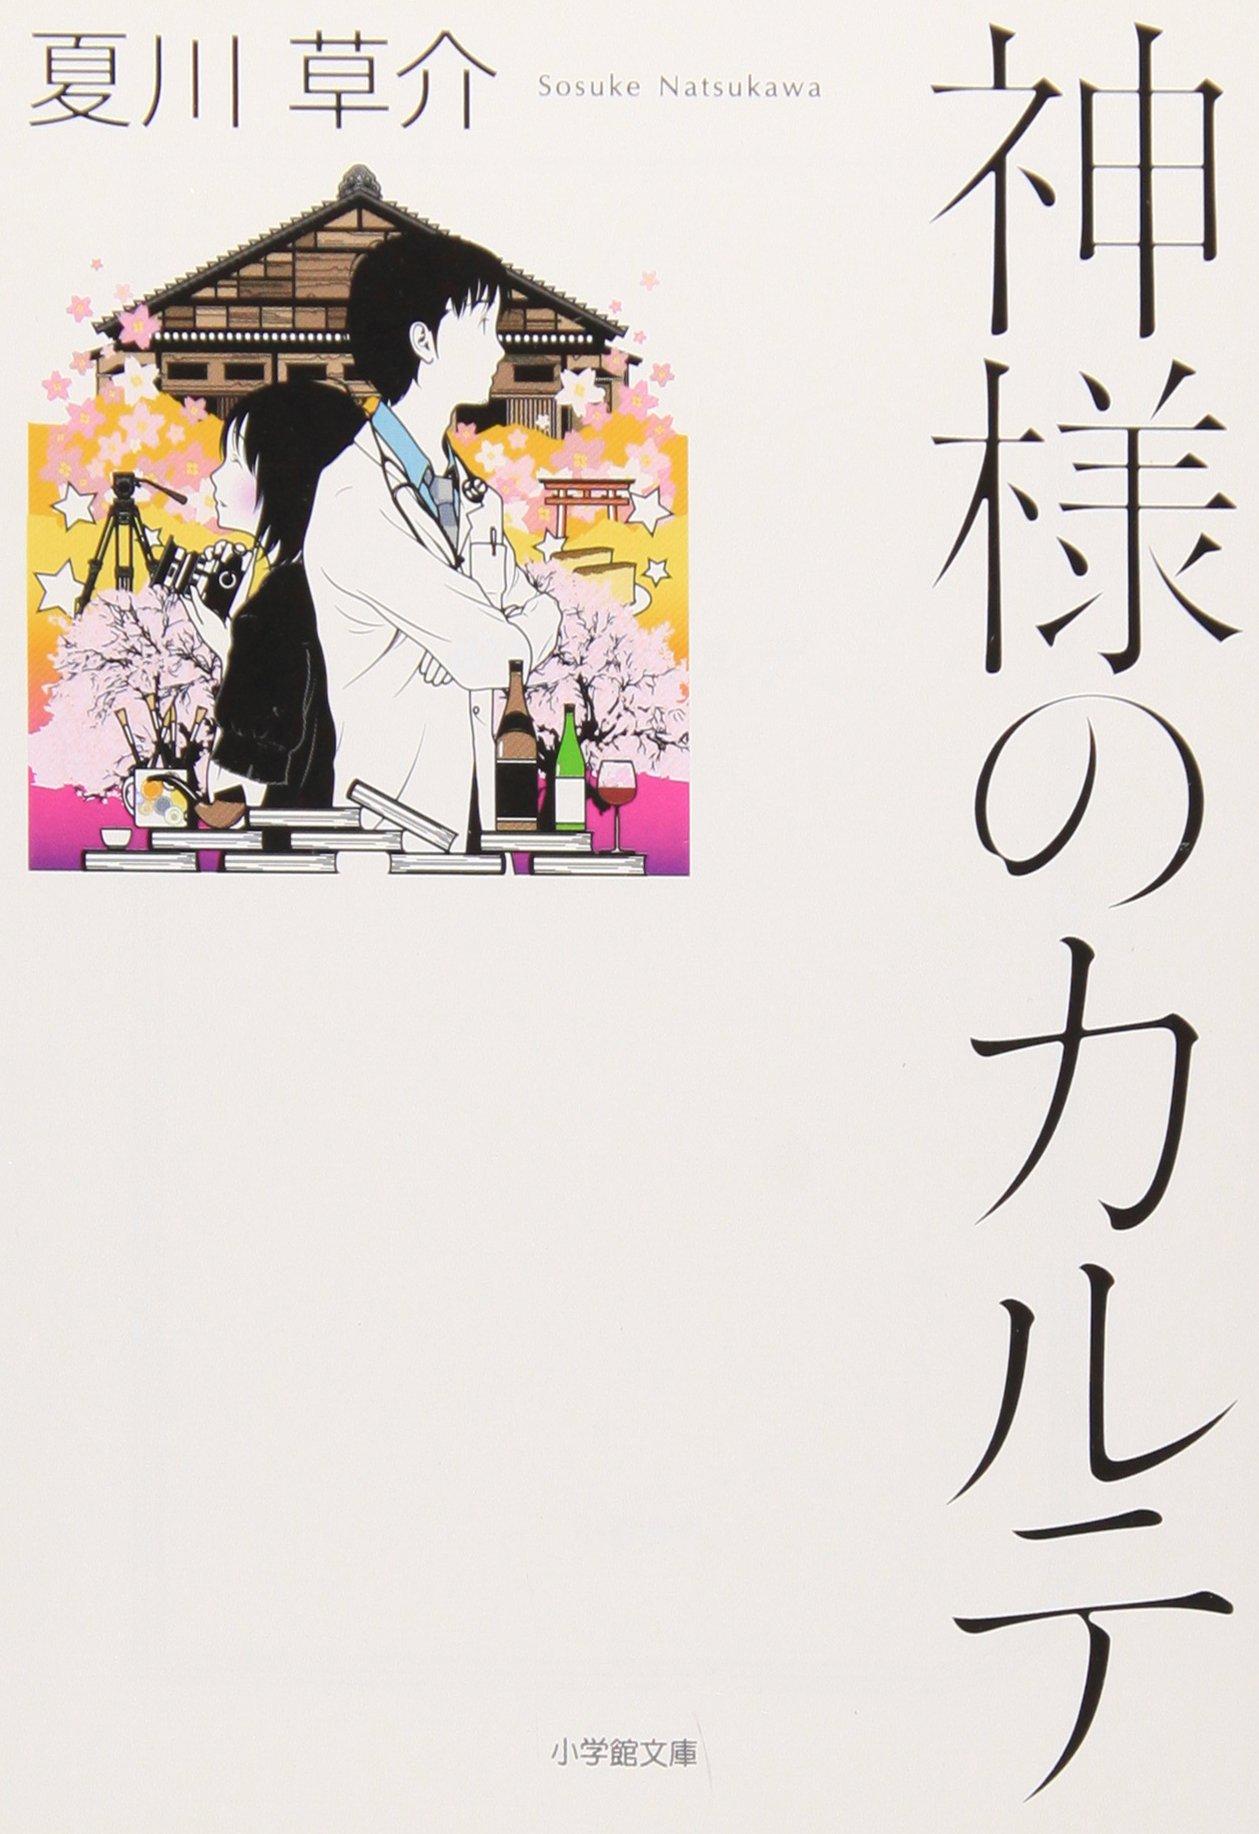 神様のカルテ (小学館文庫) | 夏川 草介 |本 | 通販 | Amazon